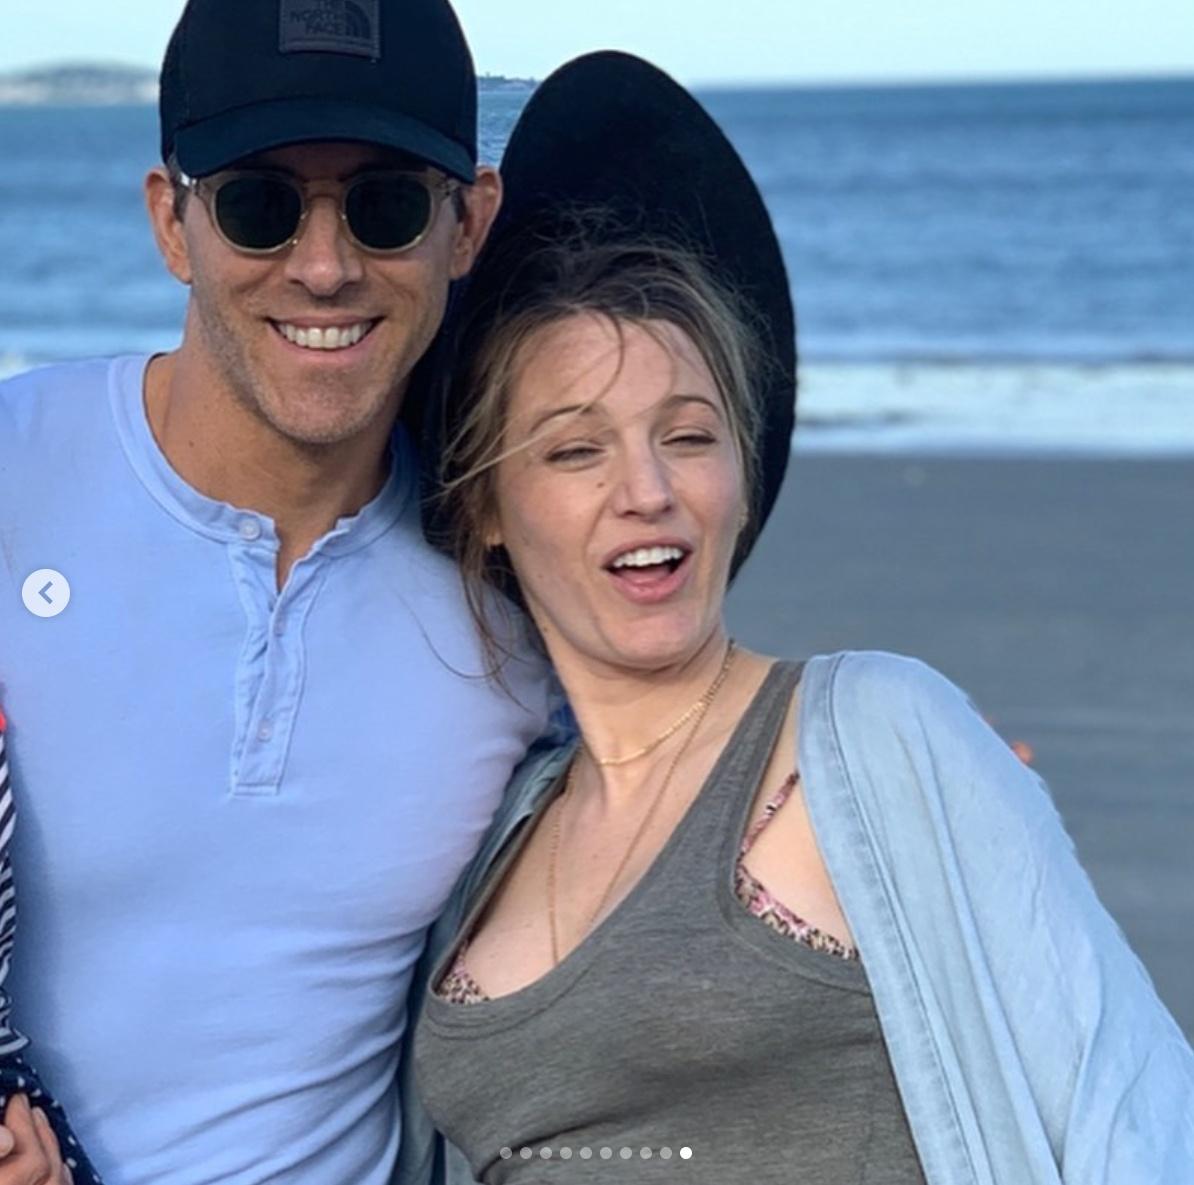 〈目玉〉①ライアン・レイノルズが妻ブレイクの誕生日を祝し、変顔写真を一挙大公開!